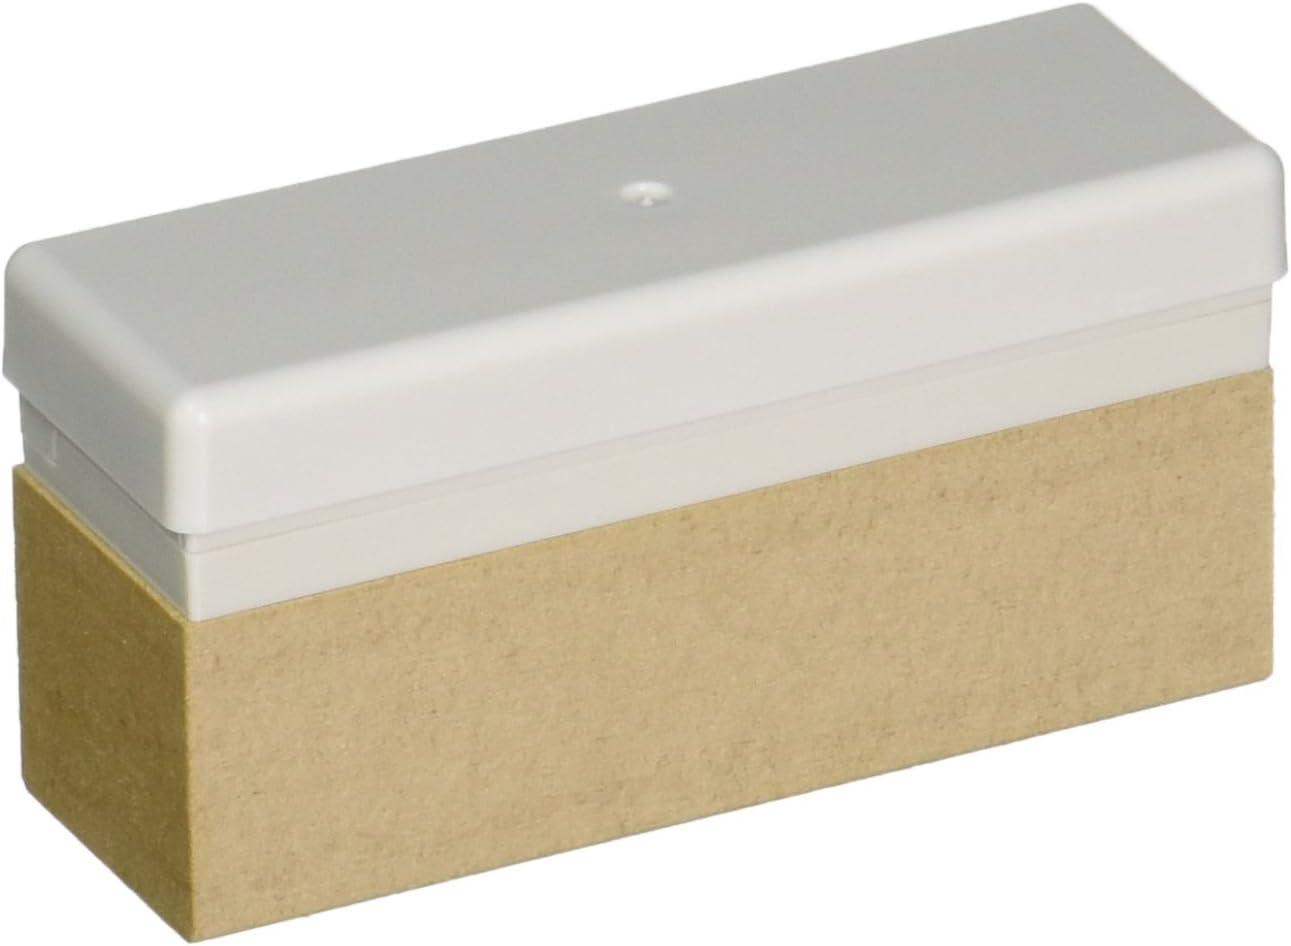 White X-Large Silhouette Mint-Kit-4545 Mint Kit